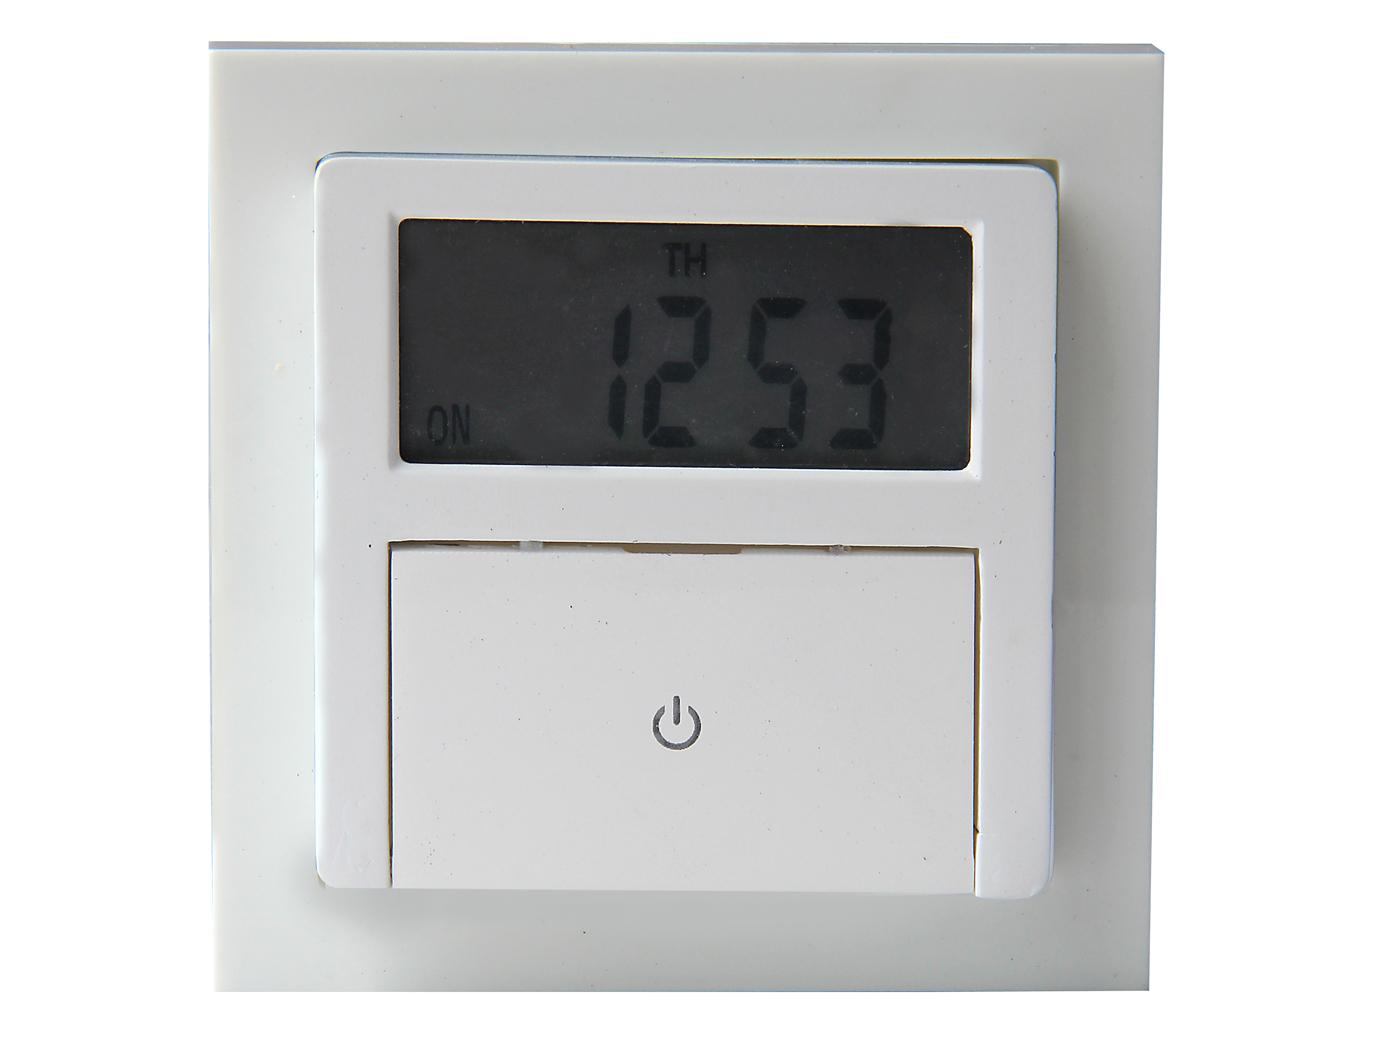 Wochenzeitschaltuhr Digital Unterputz Zeitschaltuhr mit Rahmen zum Einbau Timer 4